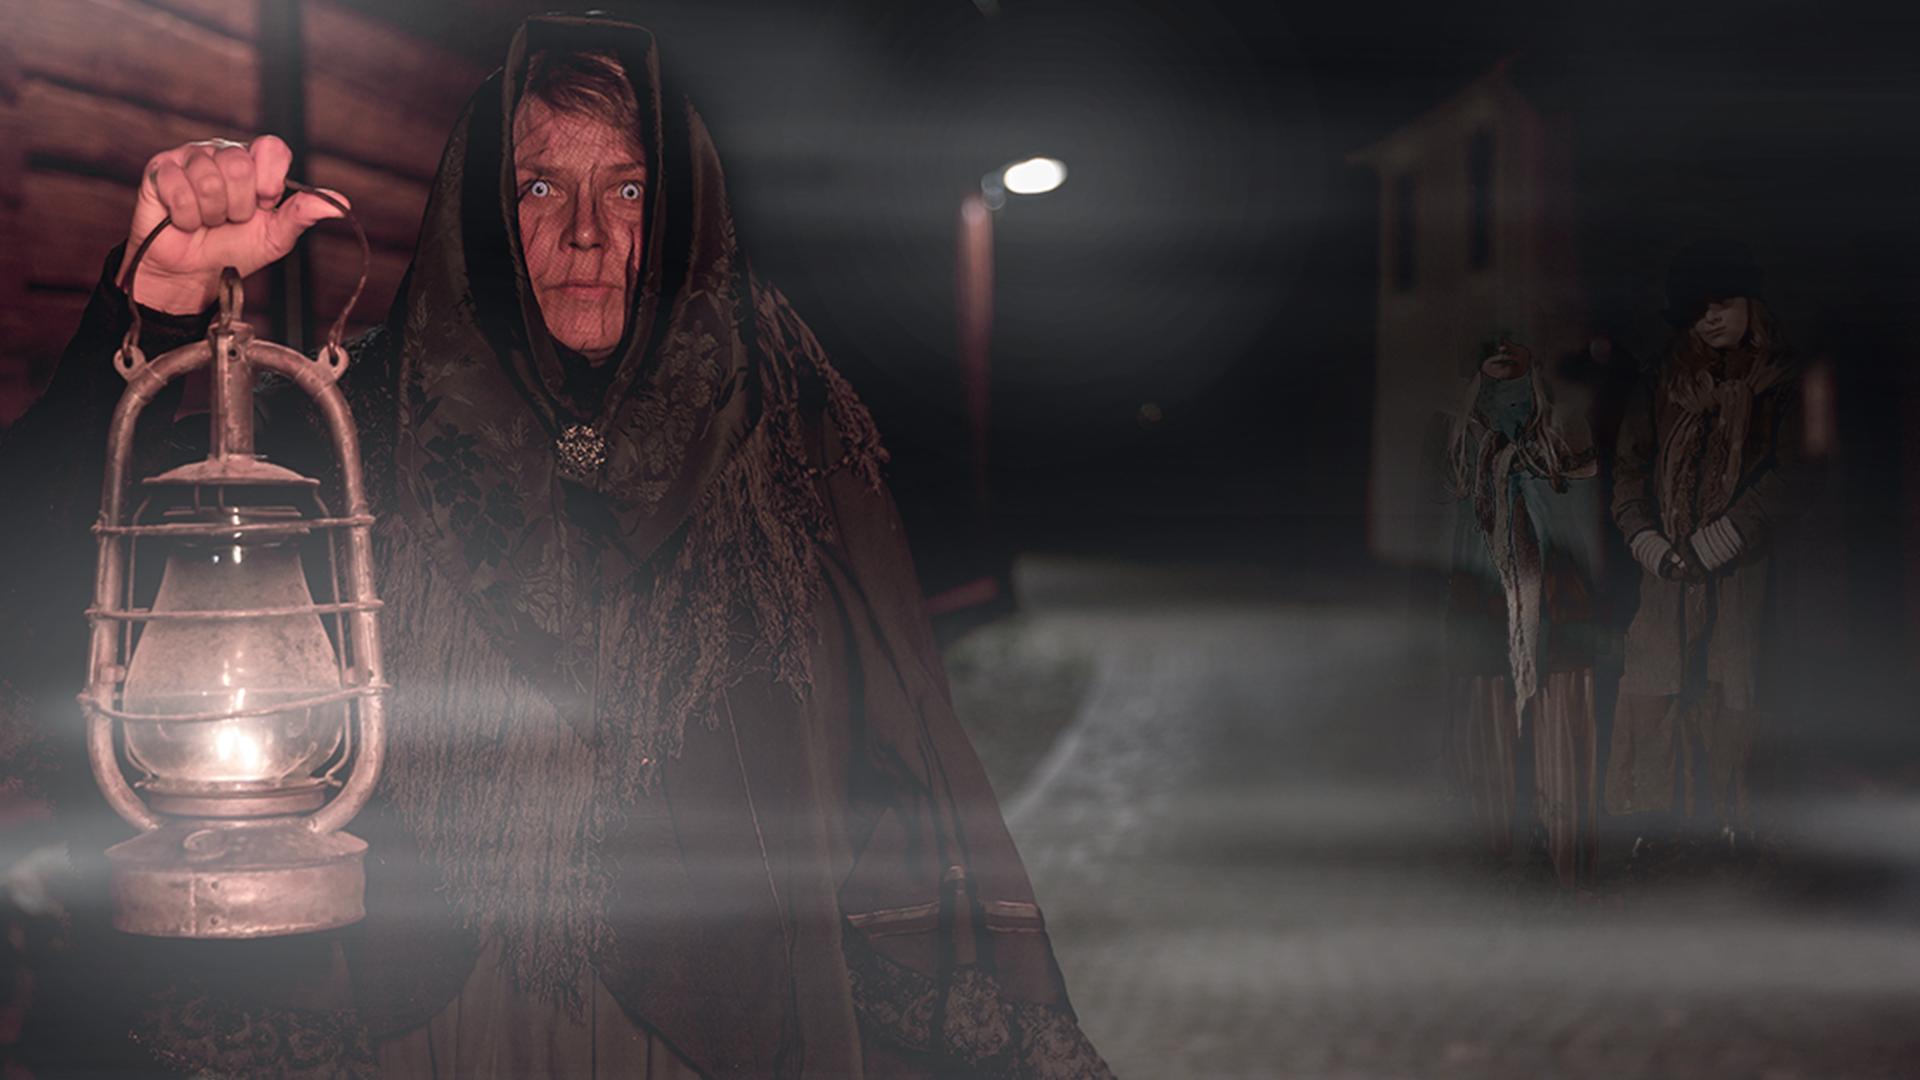 Kvinna från förr stirrar in i kameran och håller en lykta i handen, i bakgrunden skymtar vålnader. Foto Therese Eriksson.